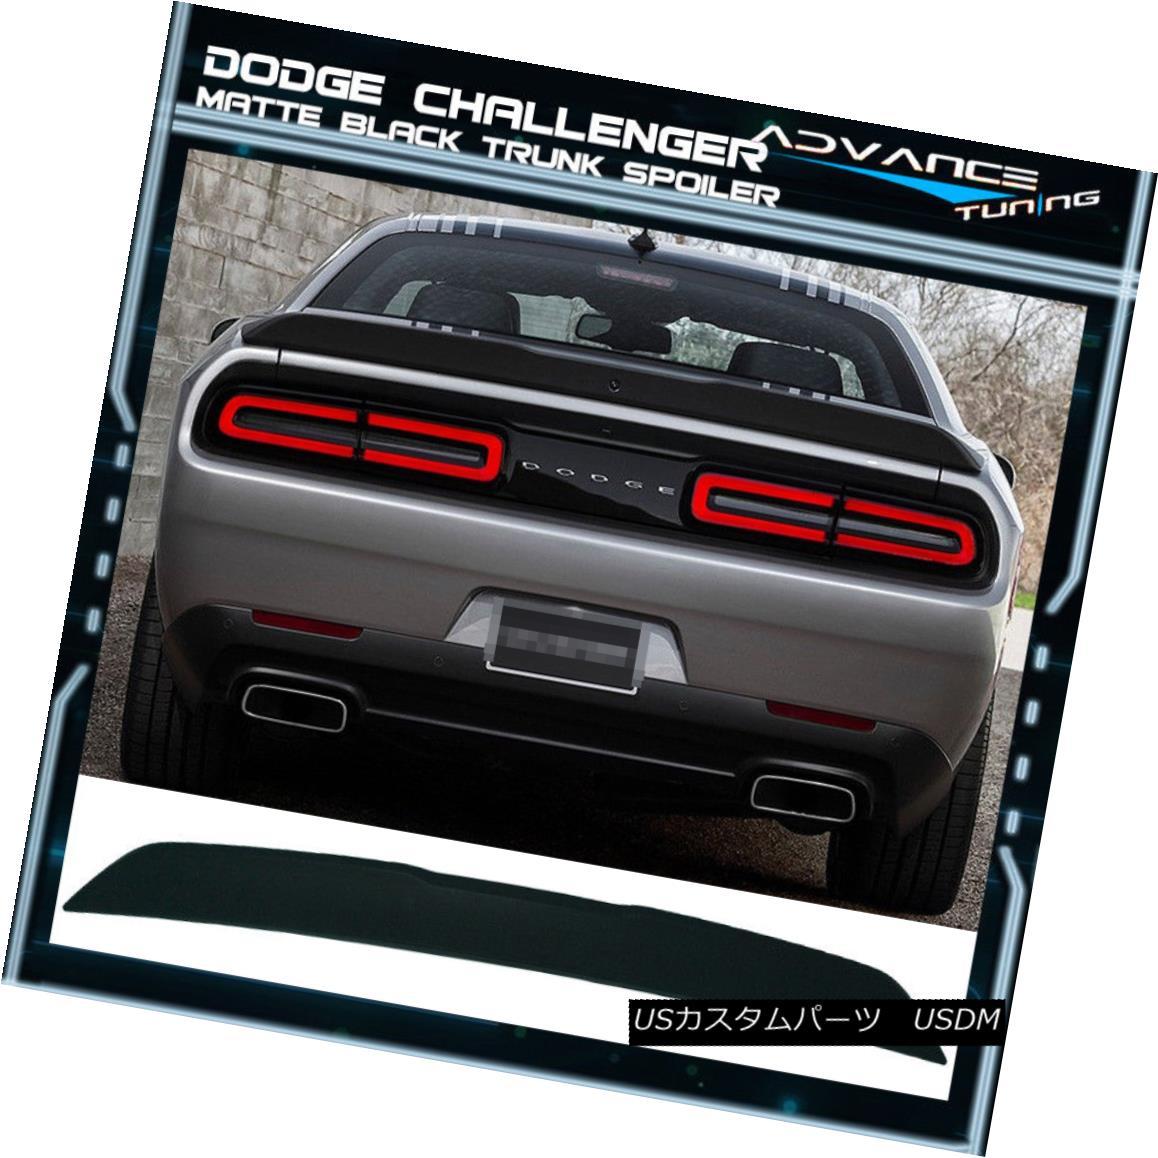 エアロパーツ Fits 15-17 Challenger R/T Scat Pack Matte Black Trunk Spoiler No Camera Hole フィット15-17チャレンジャーR / Tスカートパックマットブラックトランクスポイラーカメラホールなし